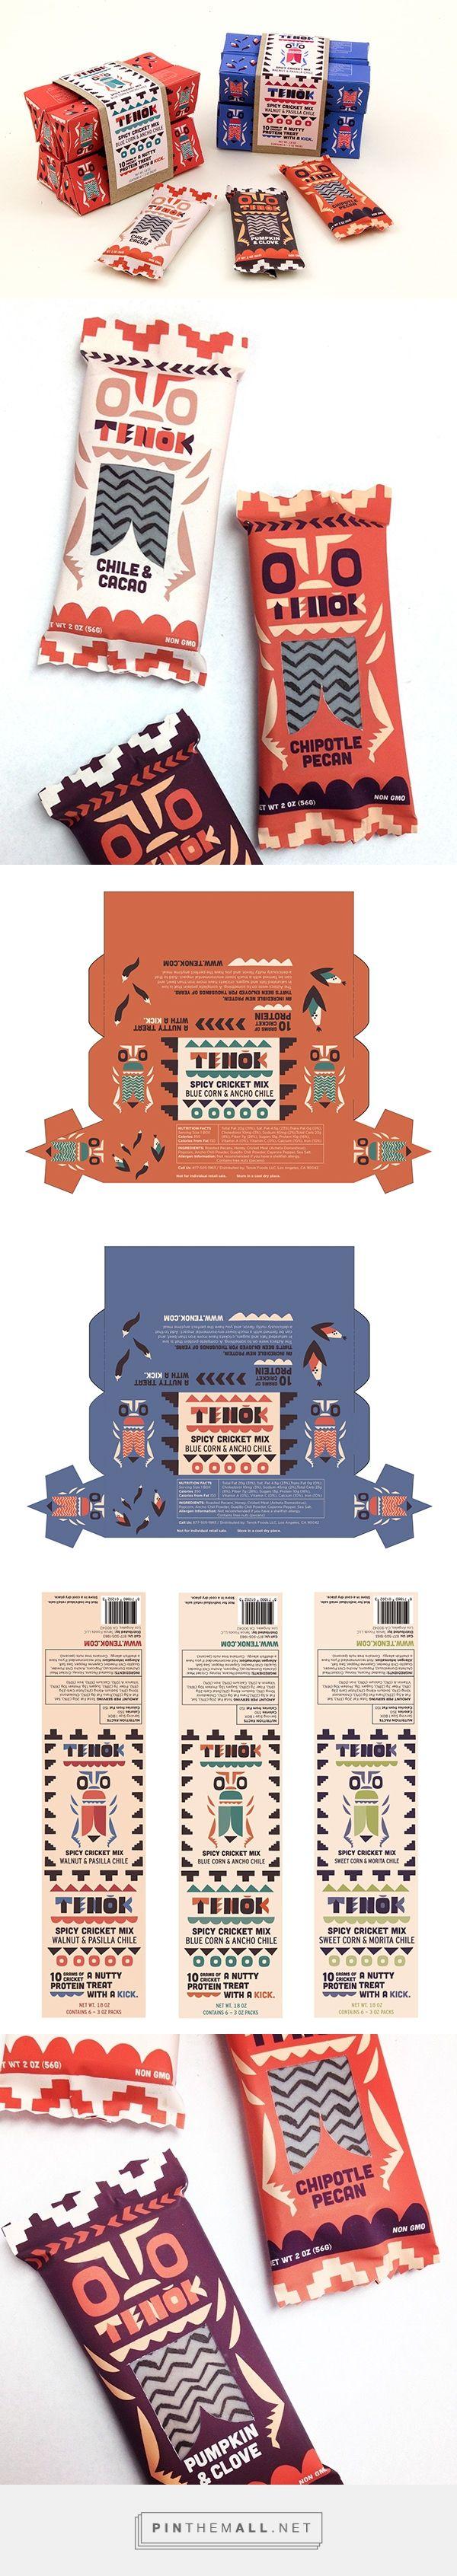 Tenok Cricket Snacks packaging PD